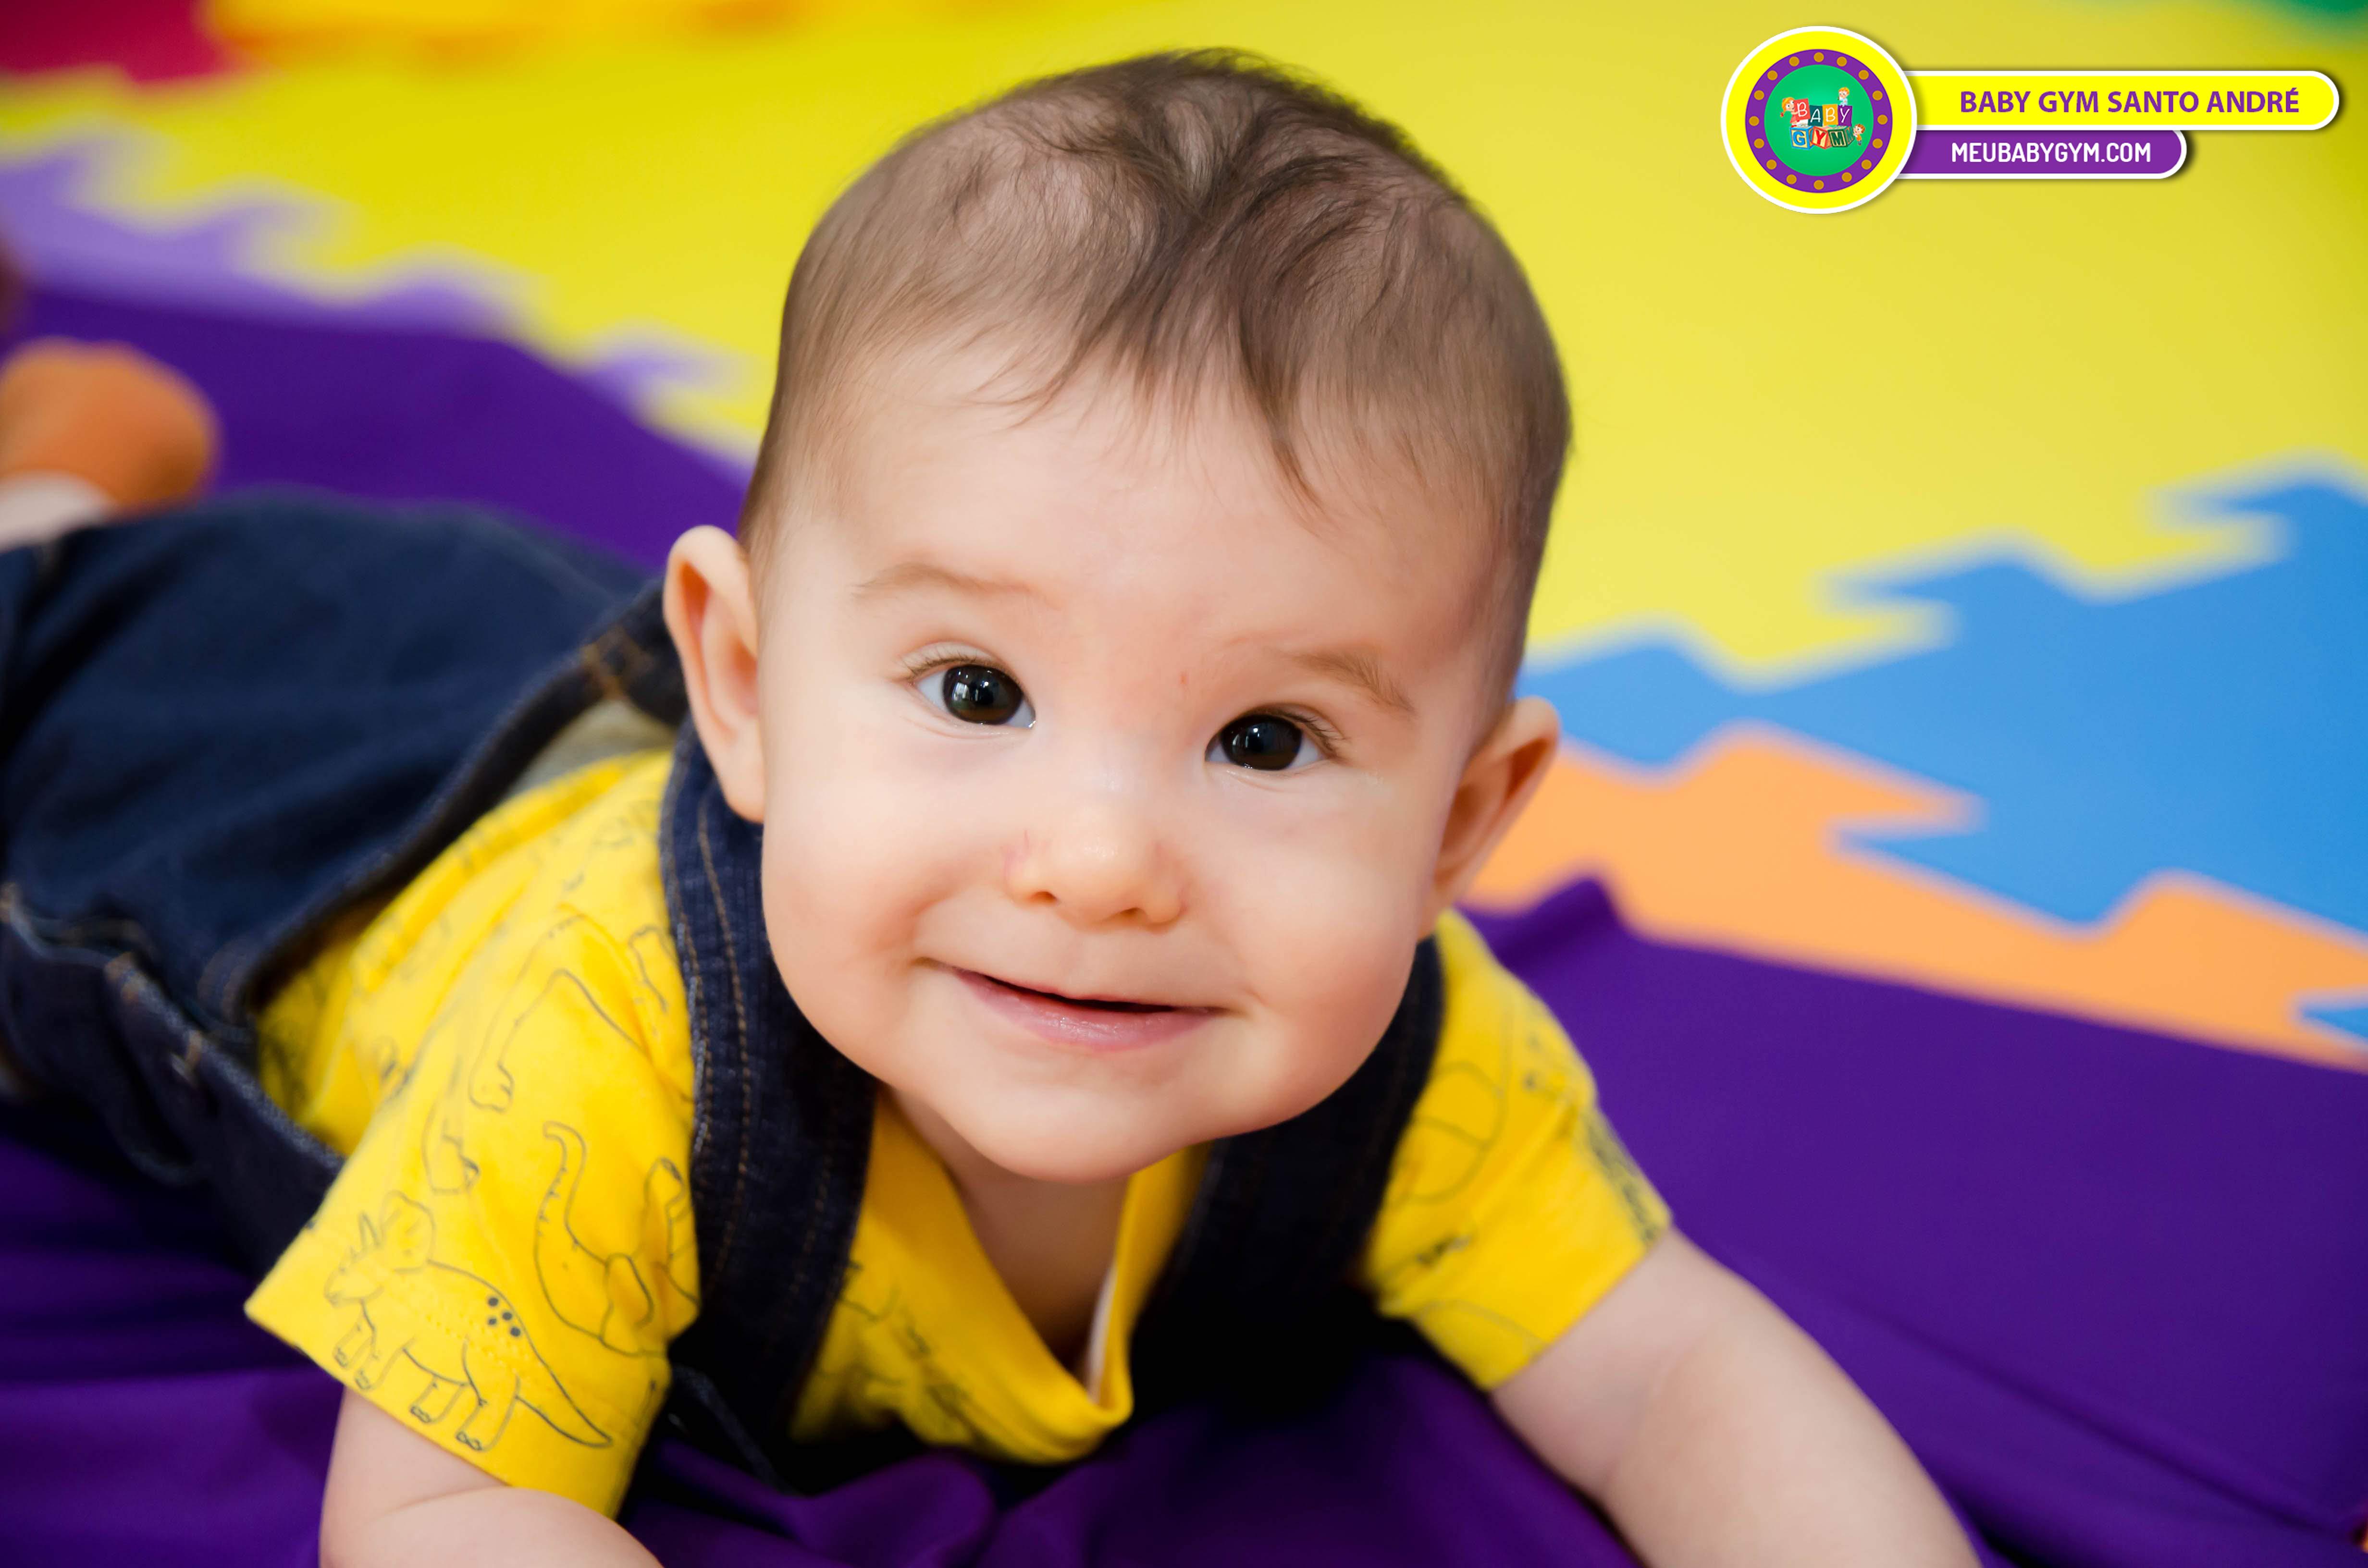 Baby Gym Santo André no Diário do Grande ABC